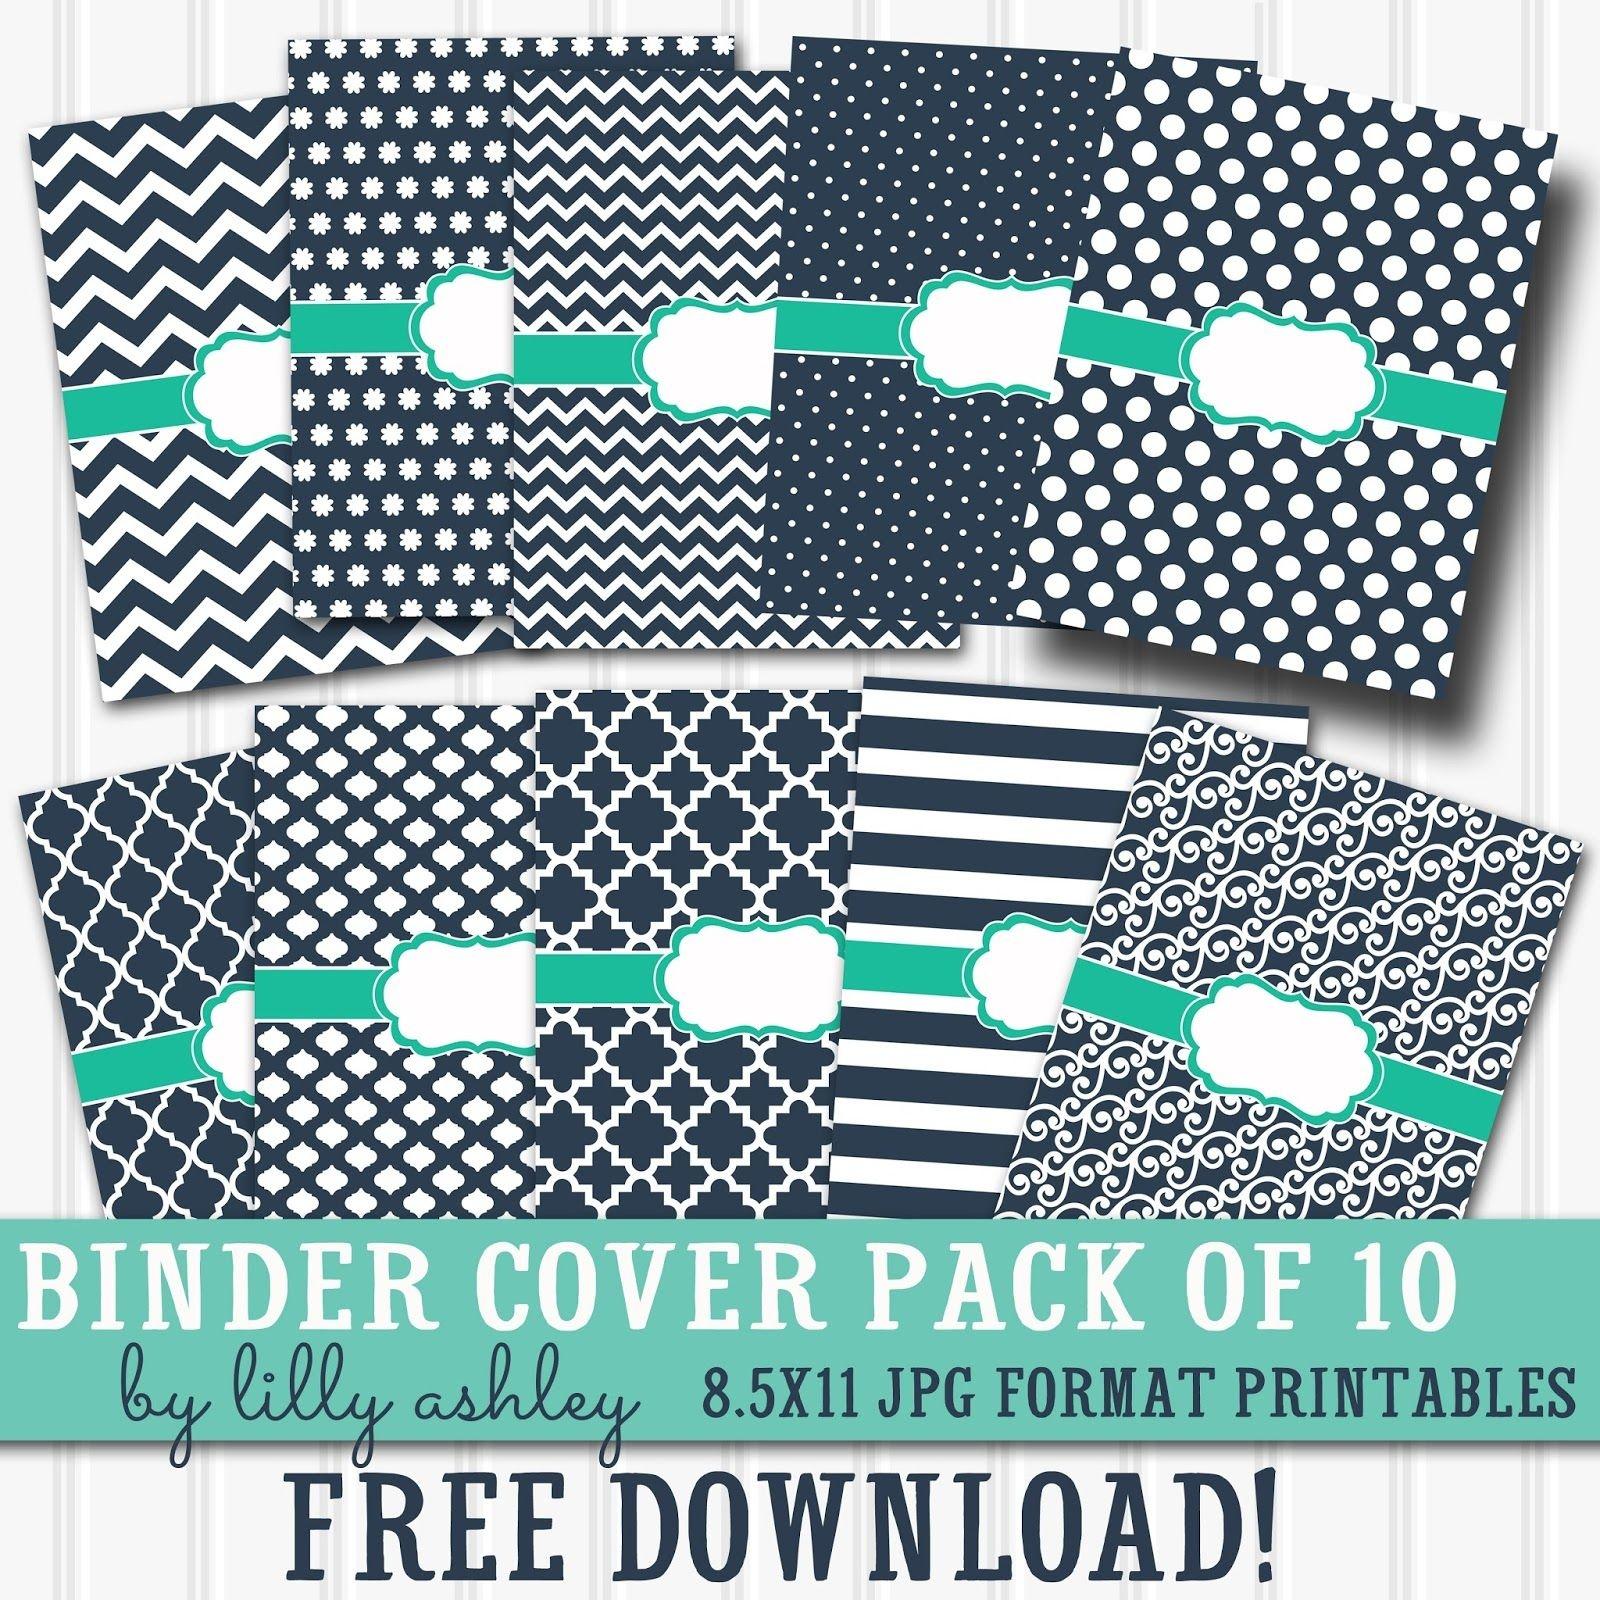 Free Printable Binder Covers Pack Of 10 | Diy School Supplies - Free Printable Binder Covers